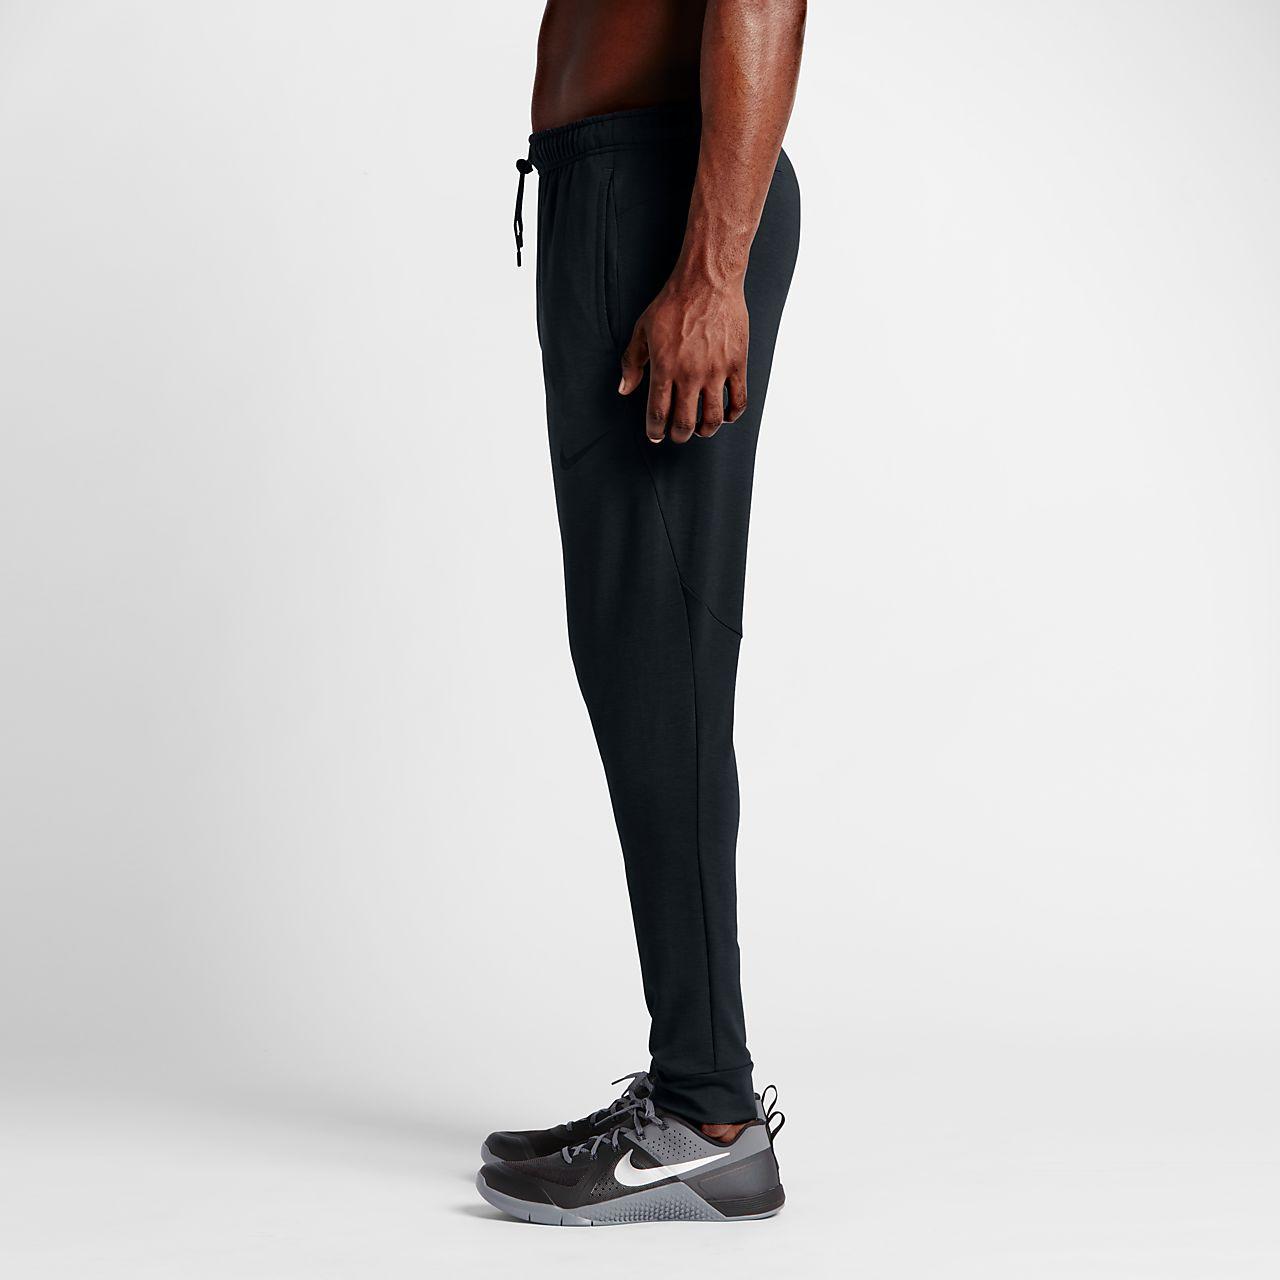 Nike dri fit hose herren